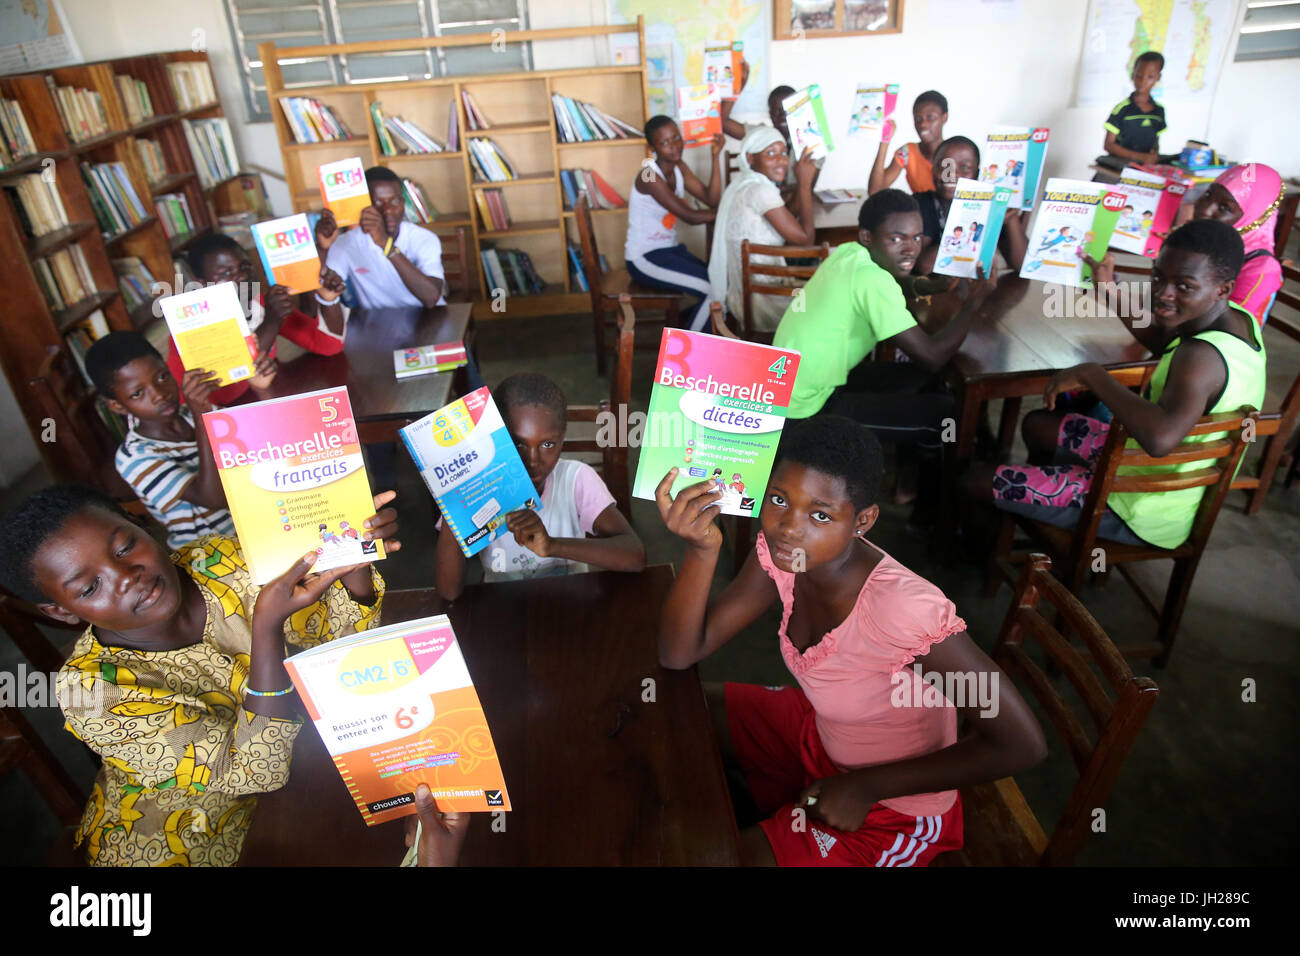 La escuela africana. Los niños patrocinada por la ONG francesa : la Chaine de l'Espoir. La biblioteca. Lome. Togo. Foto de stock